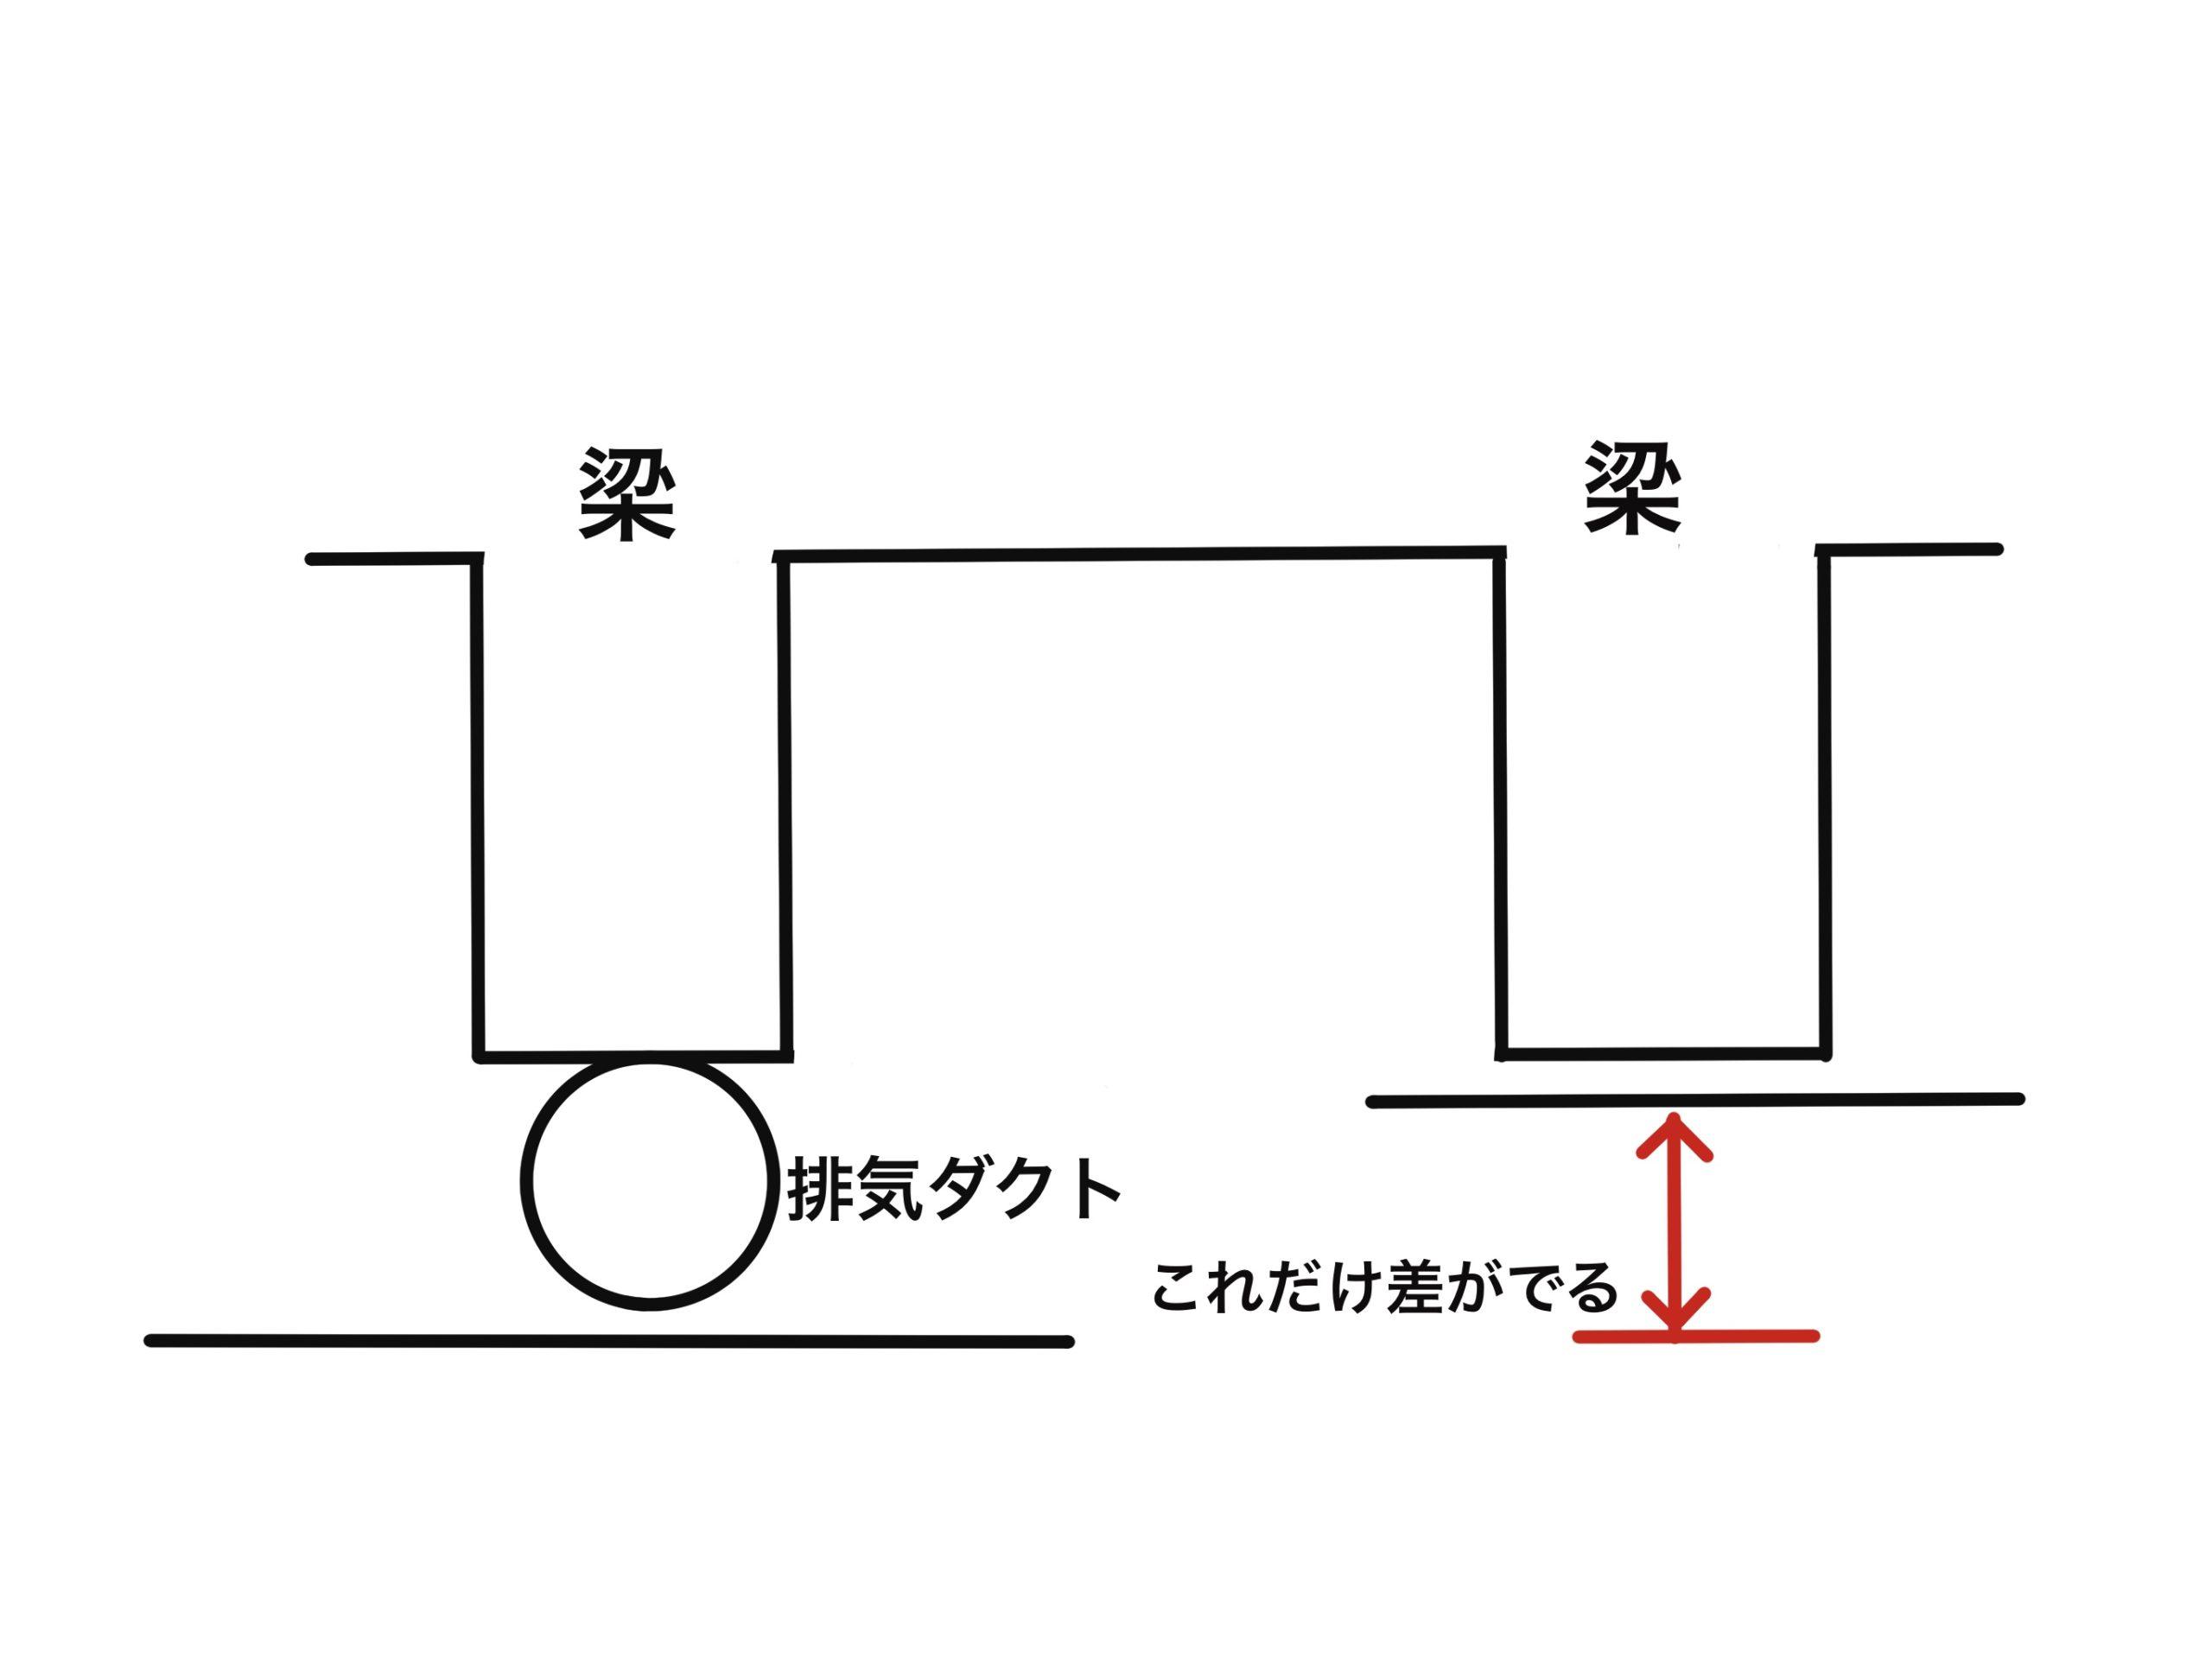 梁に穴を空けて貫通させるのは、建築時のコンクリート打ち込み時のみです。